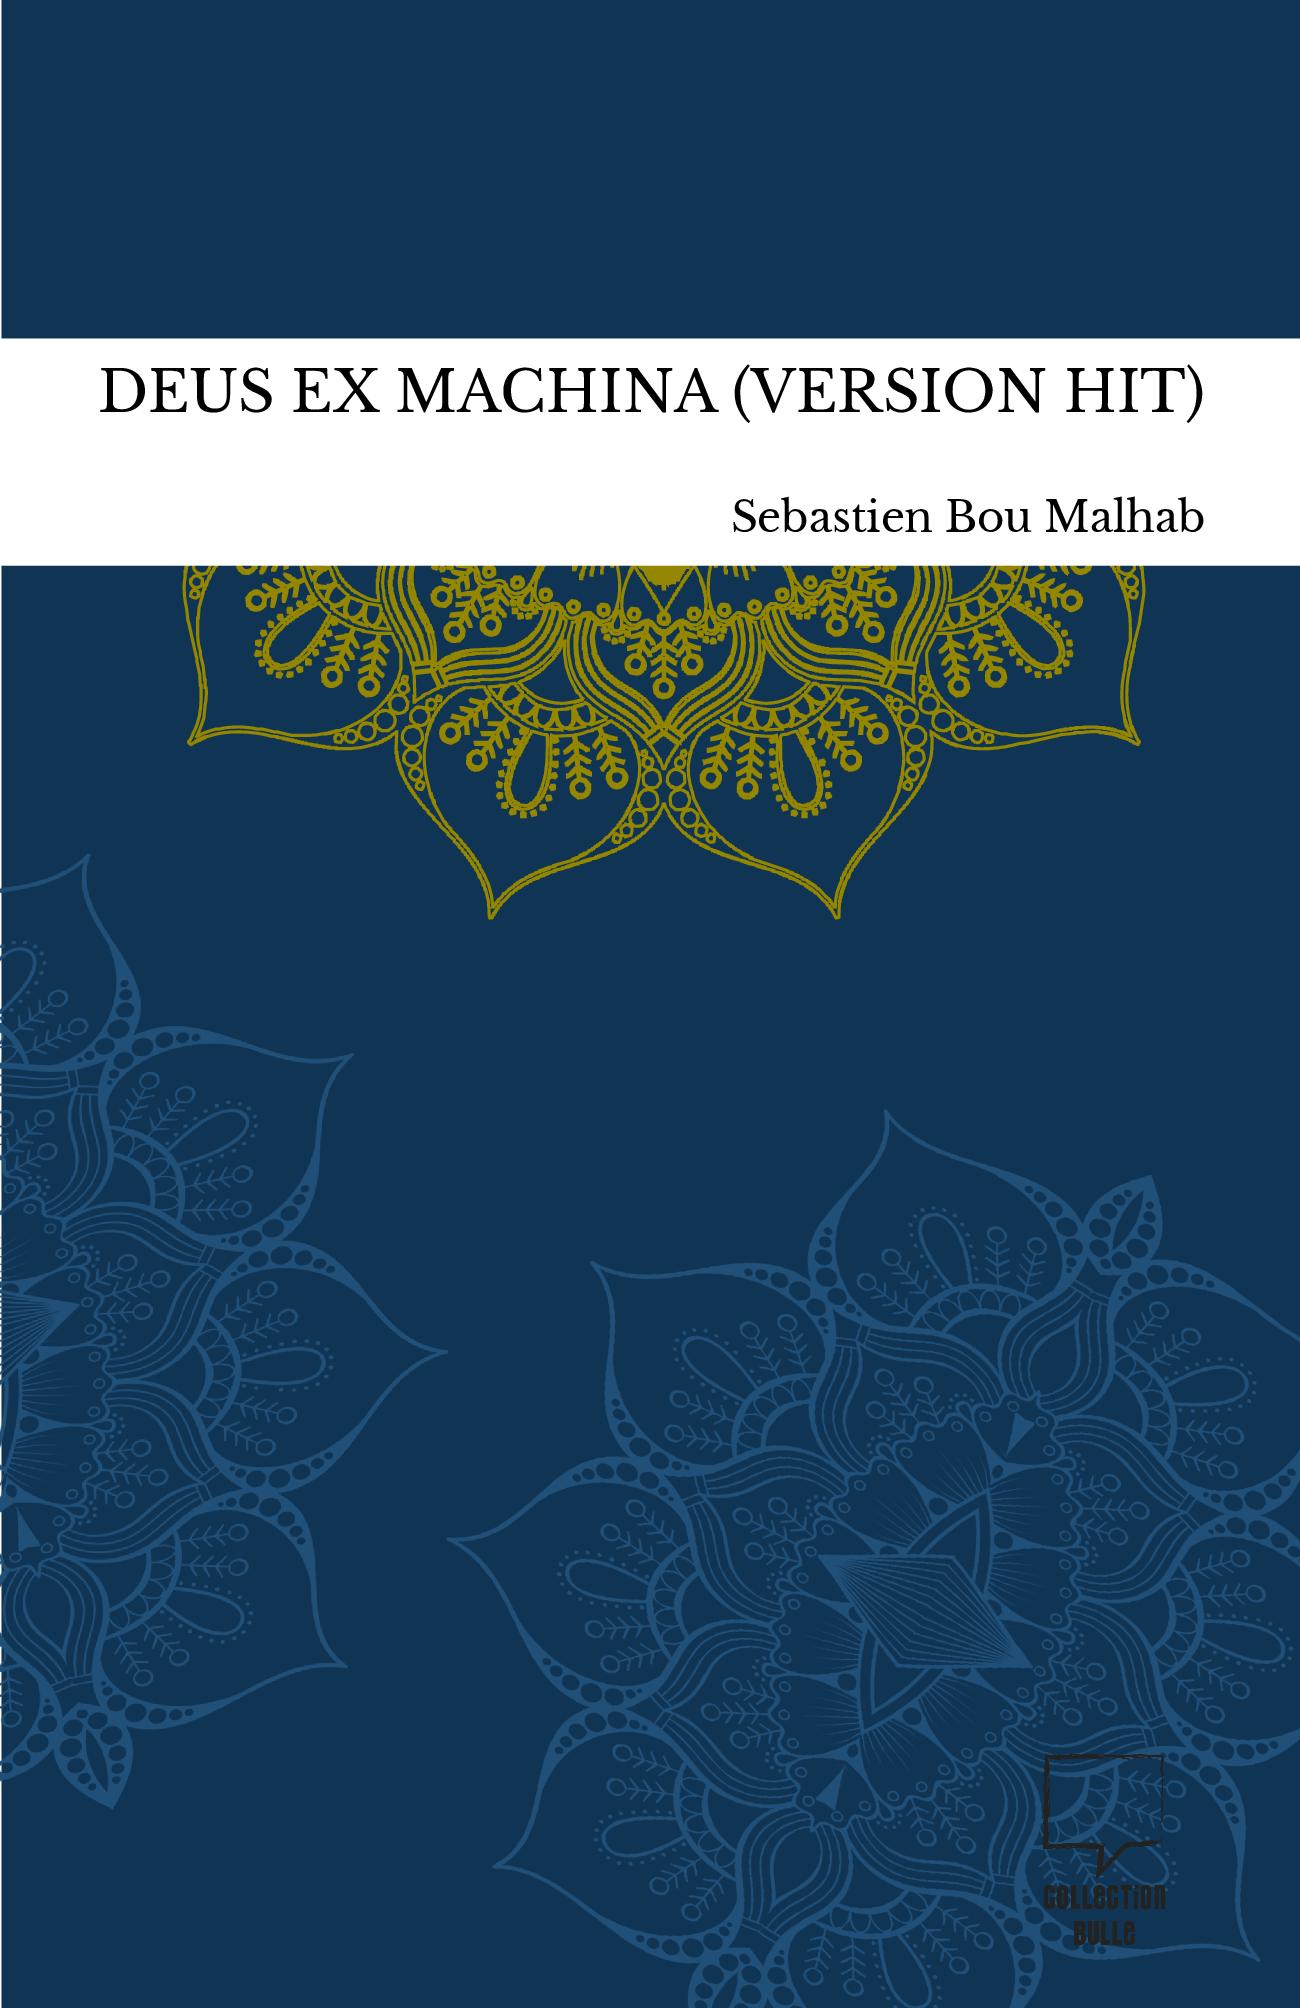 DEUS EX MACHINA (VERSION HIT)